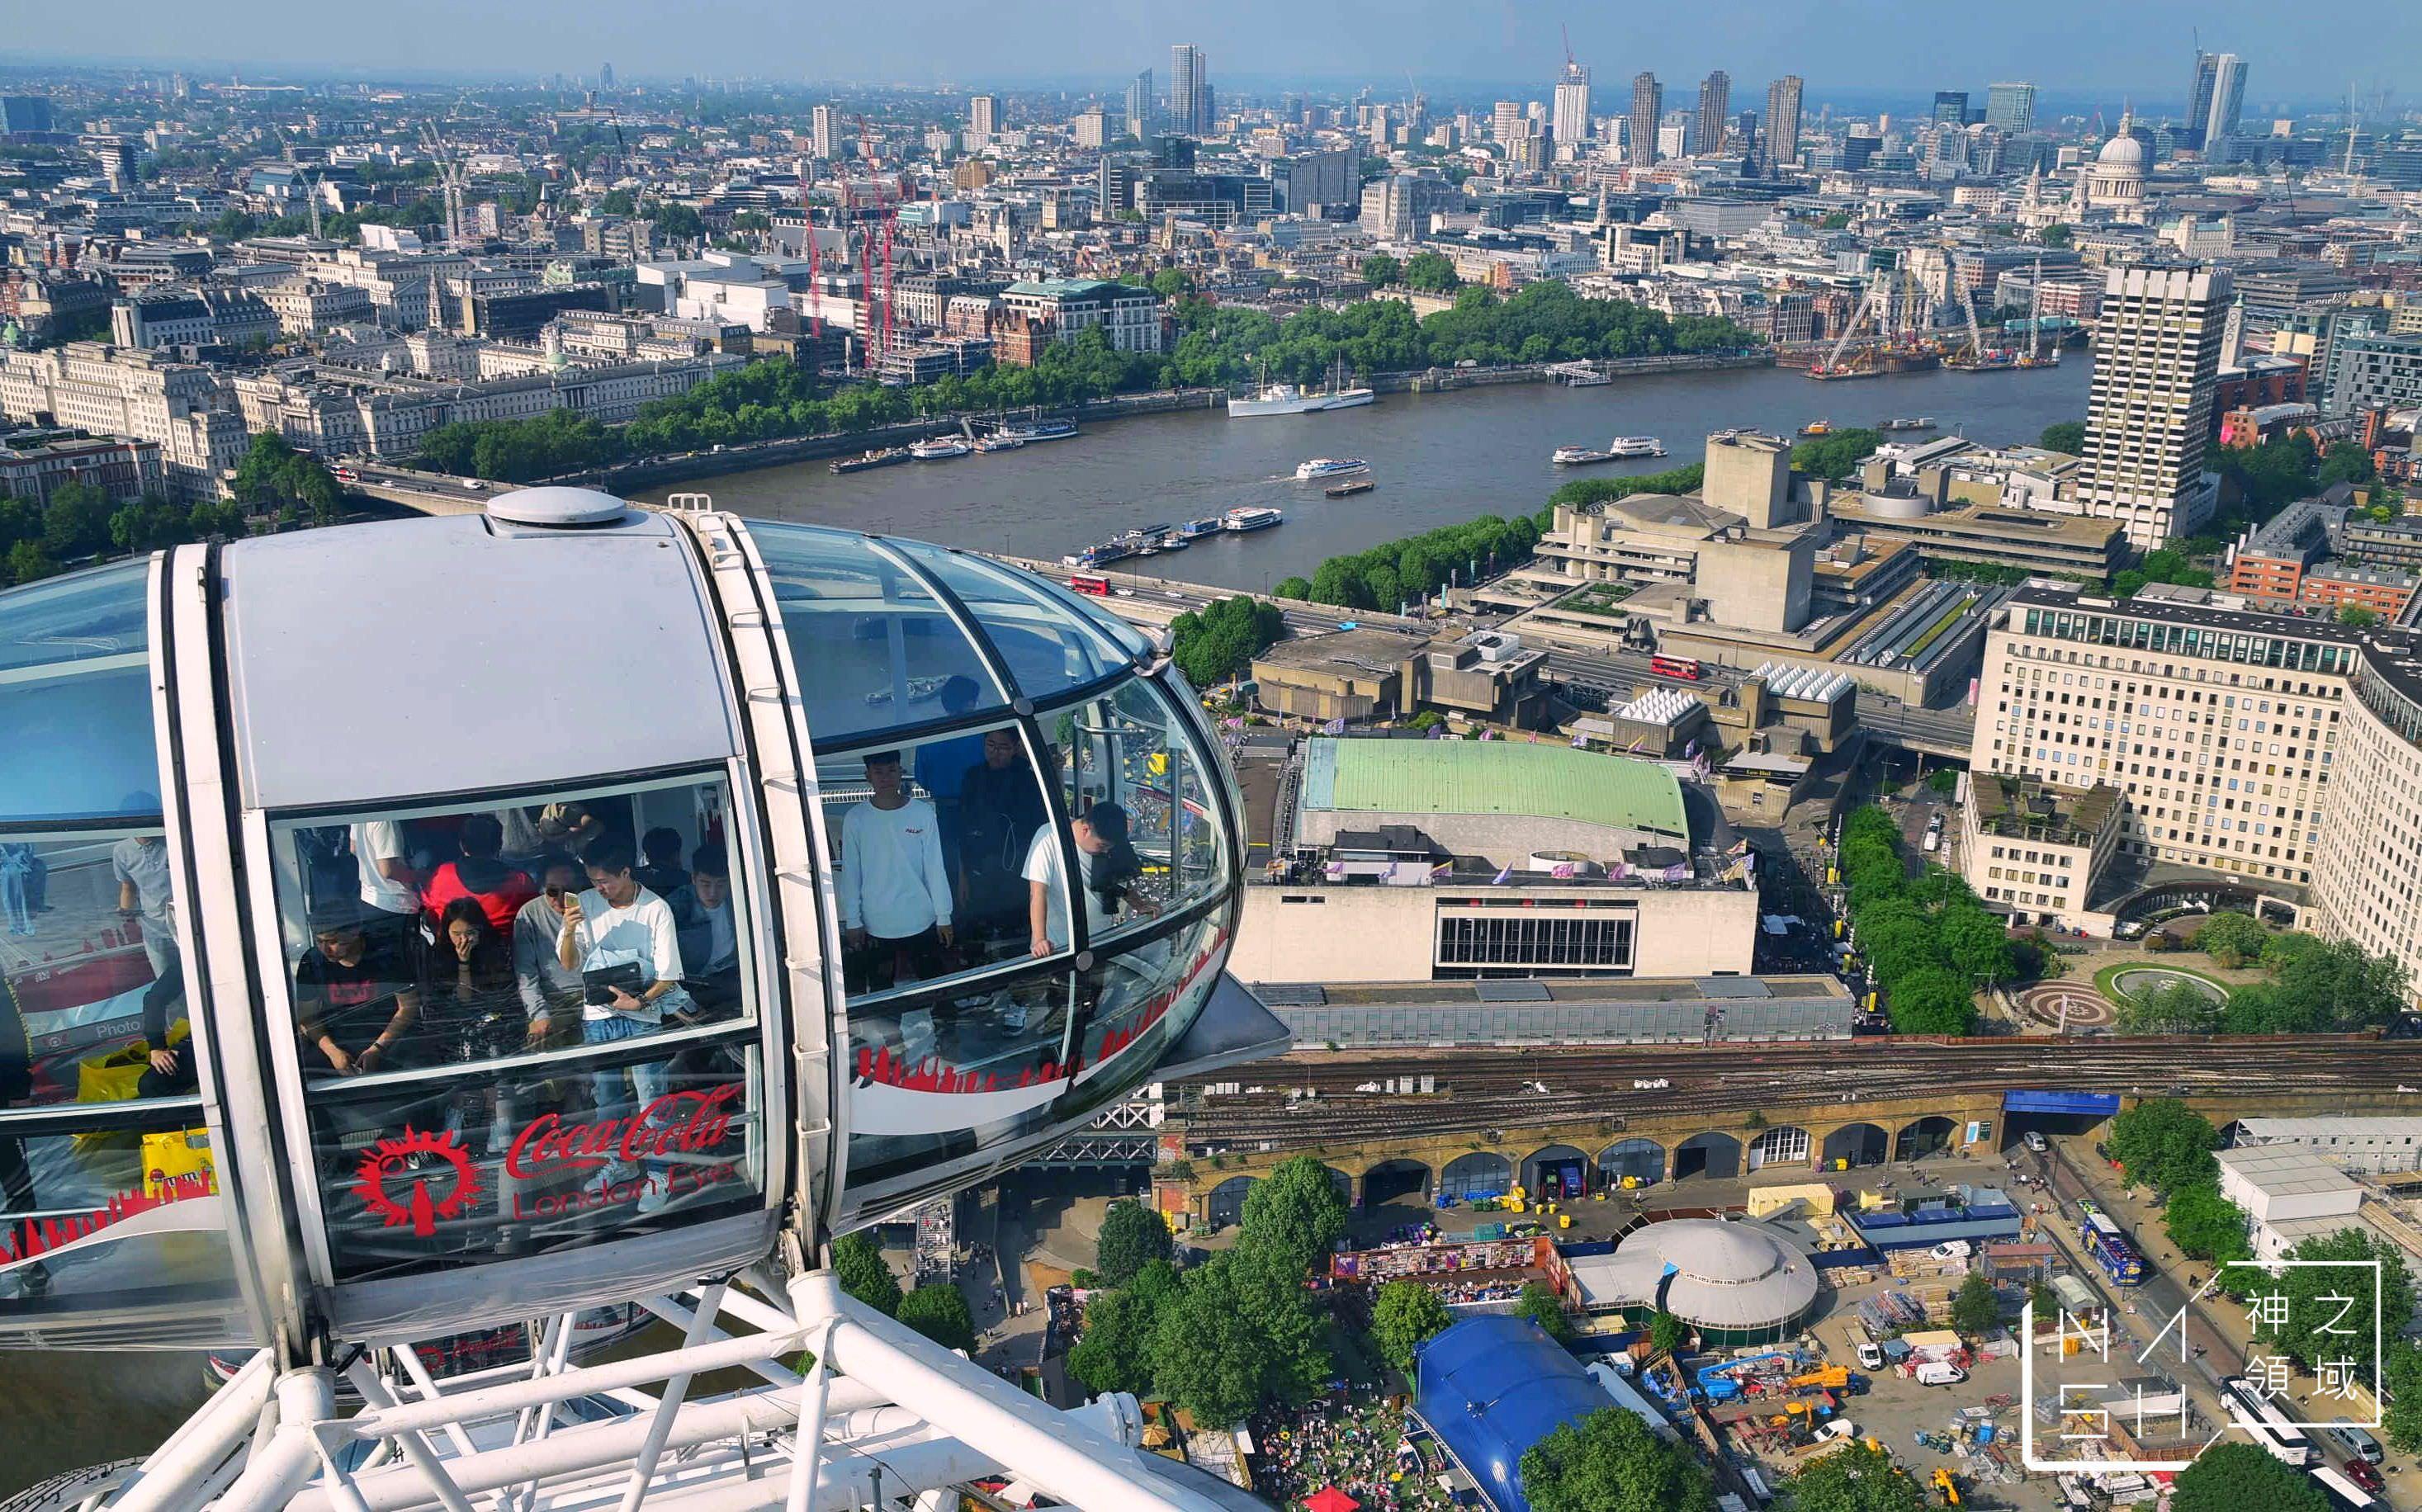 倫敦眼,倫敦眼訂票教學,倫敦眼營業時間,倫敦眼快速通關,倫敦眼交通 @Nash,神之領域